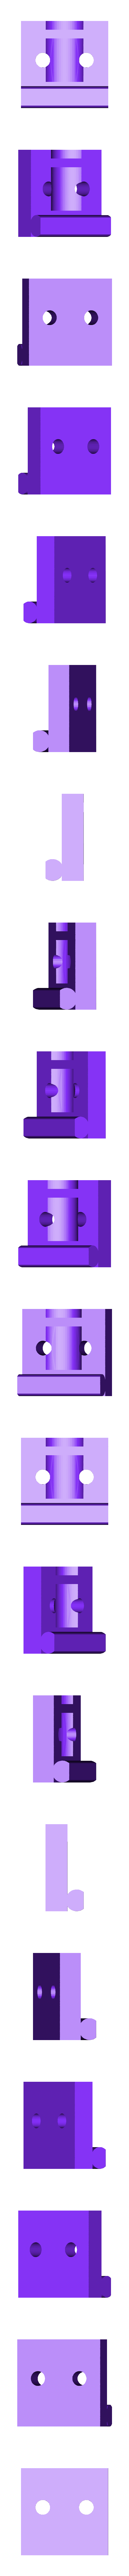 fly_swat_part_2_Pocket_Meshed.stl Télécharger fichier STL gratuit Couvercle à emporter recyclé • Design à imprimer en 3D, cjbingham2